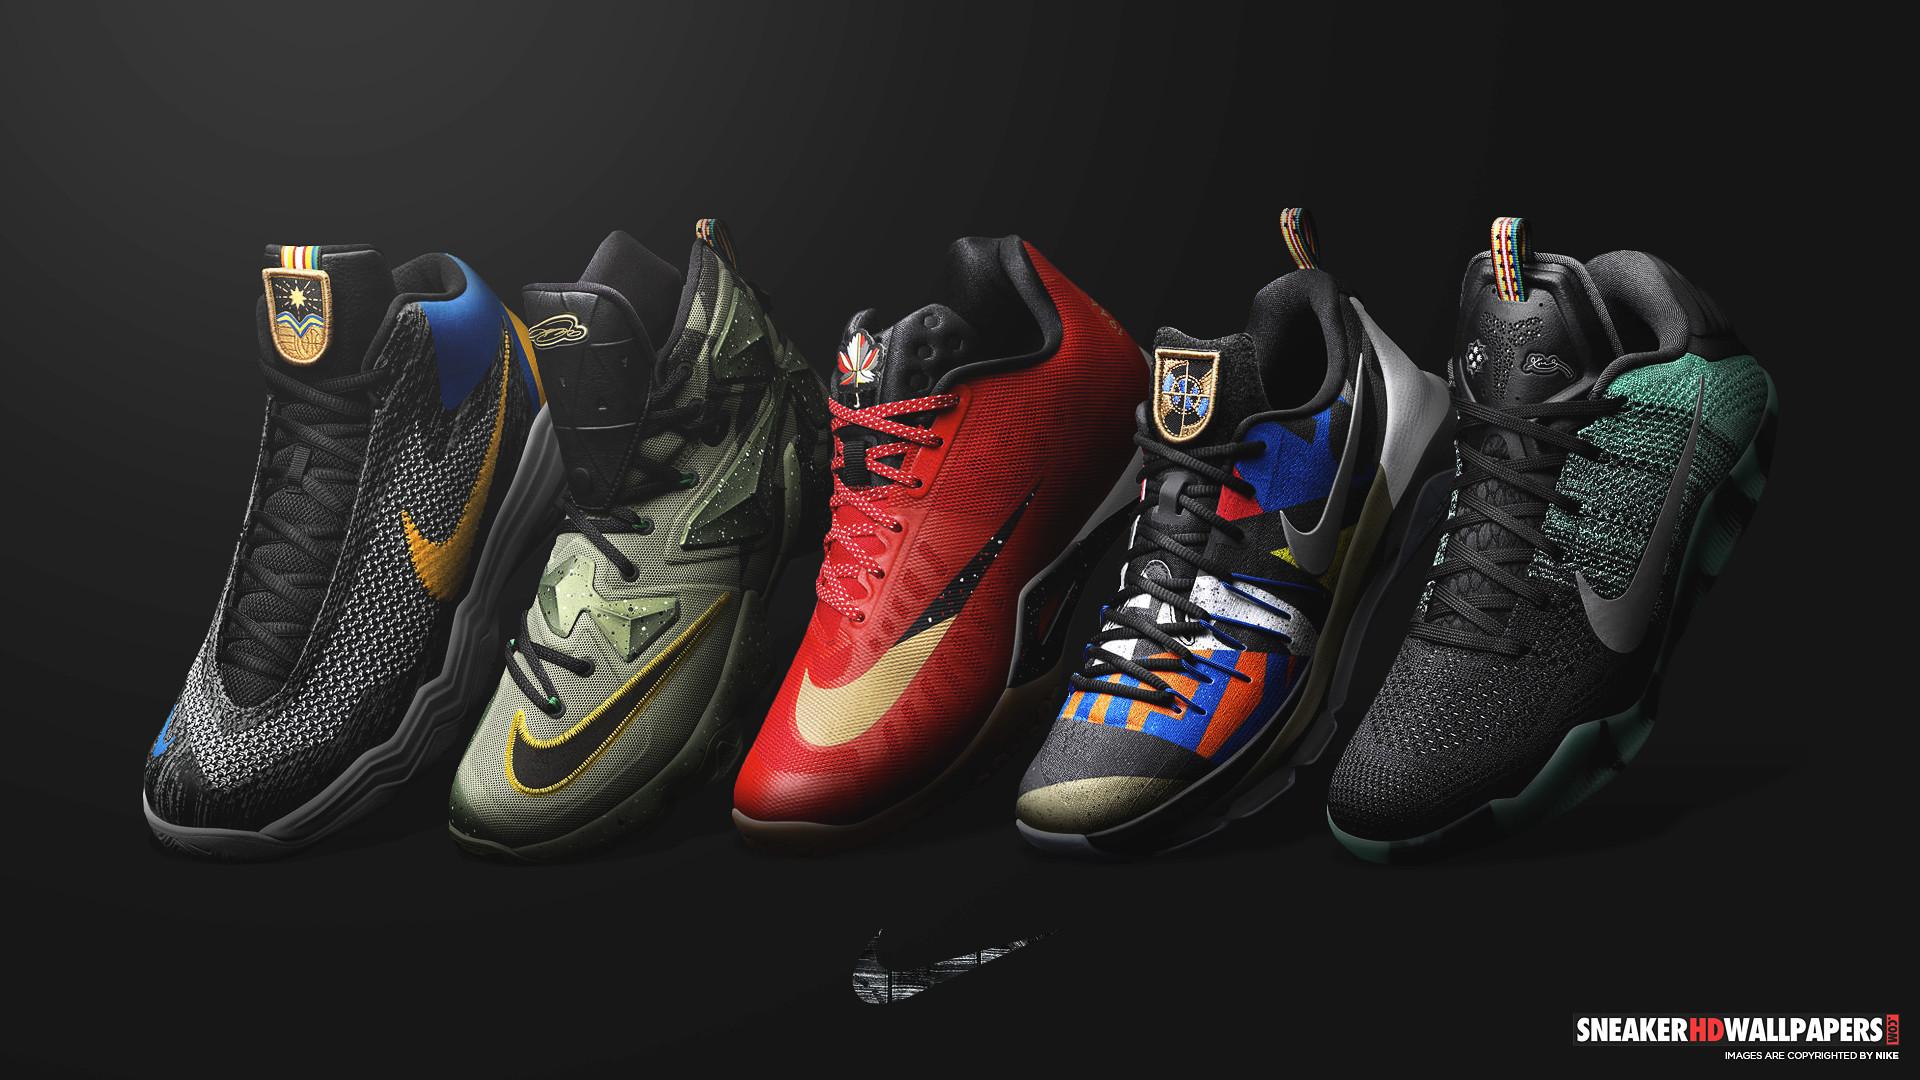 Air Jordan Wallpaper Iphone 4 Michael Jordan Shoes Wallpaper 67 Images